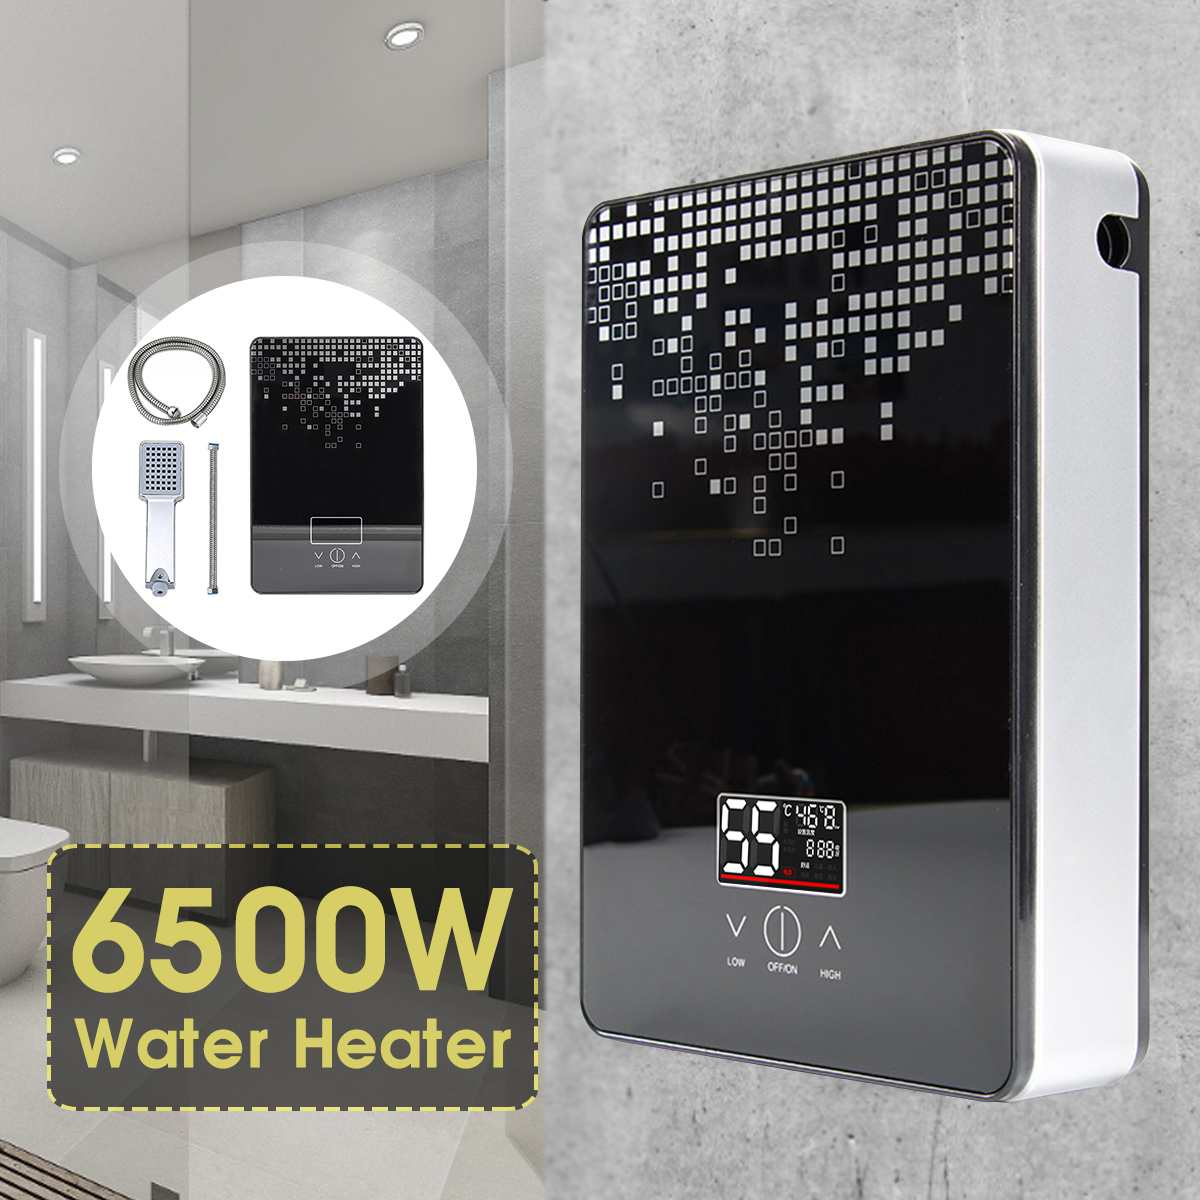 Aquecedor de água quente elétrico 6500 w 220 v tankless instantânea caldeira chuveiro do banheiro conjunto termostato seguro inteligente automaticamente fauce|Aquecedores de água elétricos| |  - title=